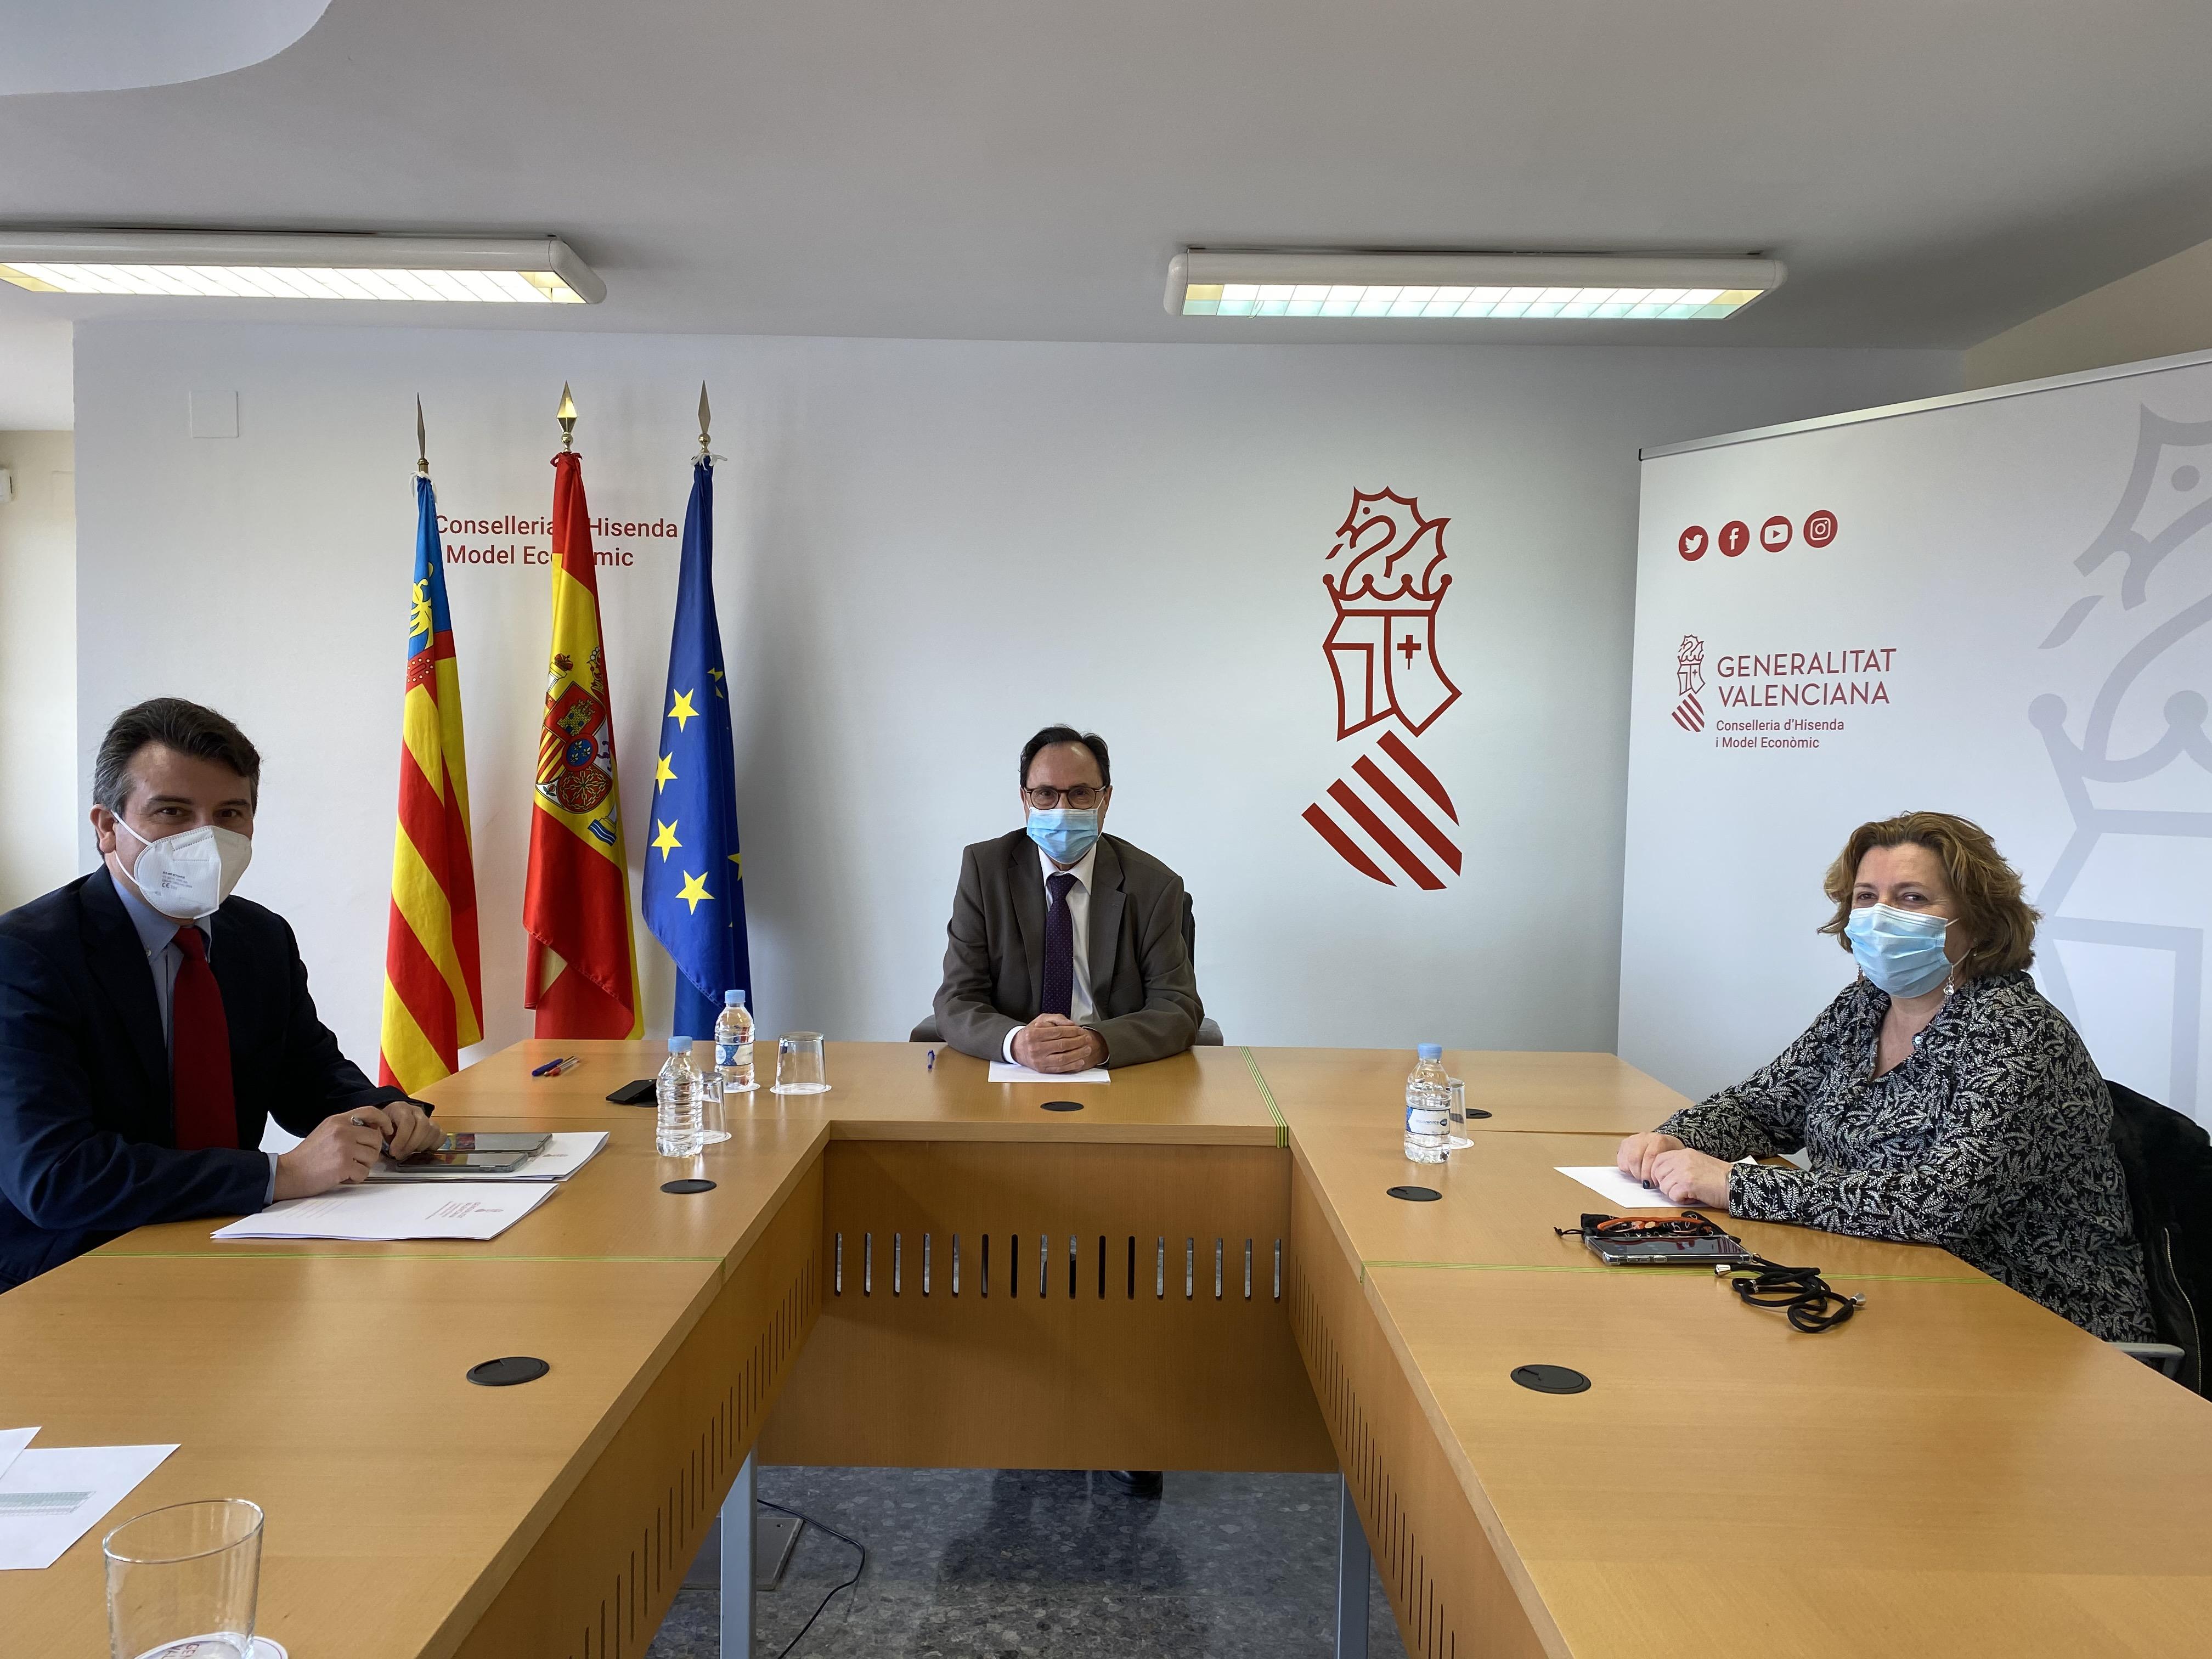 La Generalitat logra por sexto mes consecutivo situar el pago a proveedores por debajo de 30 días y deja de estar bajo la supervisión del Minister...